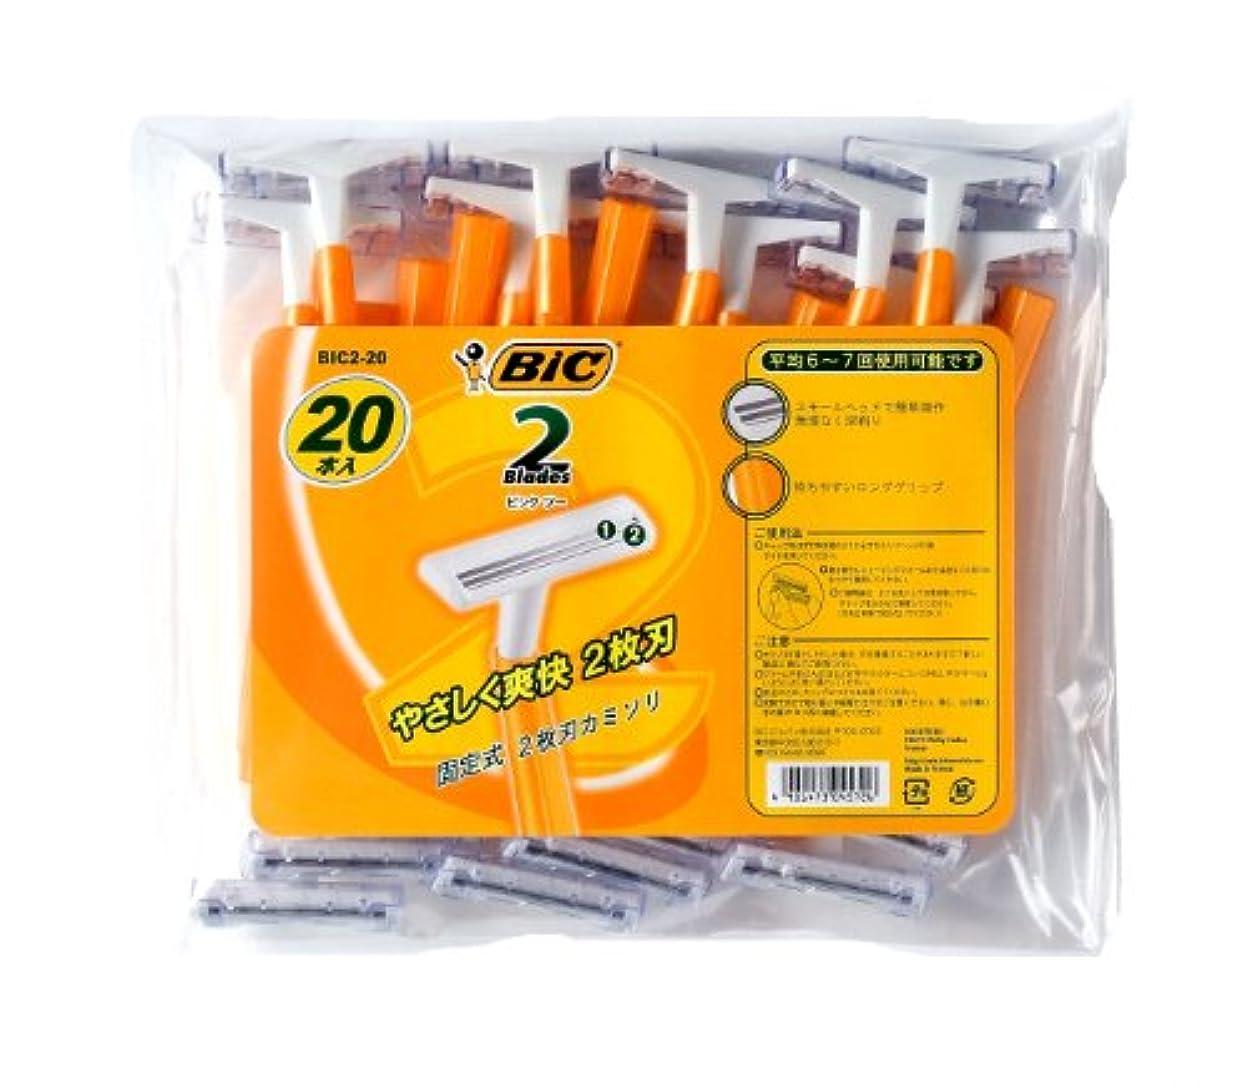 皿パール発生BIC2 2枚刃 カミソリ 20本入り